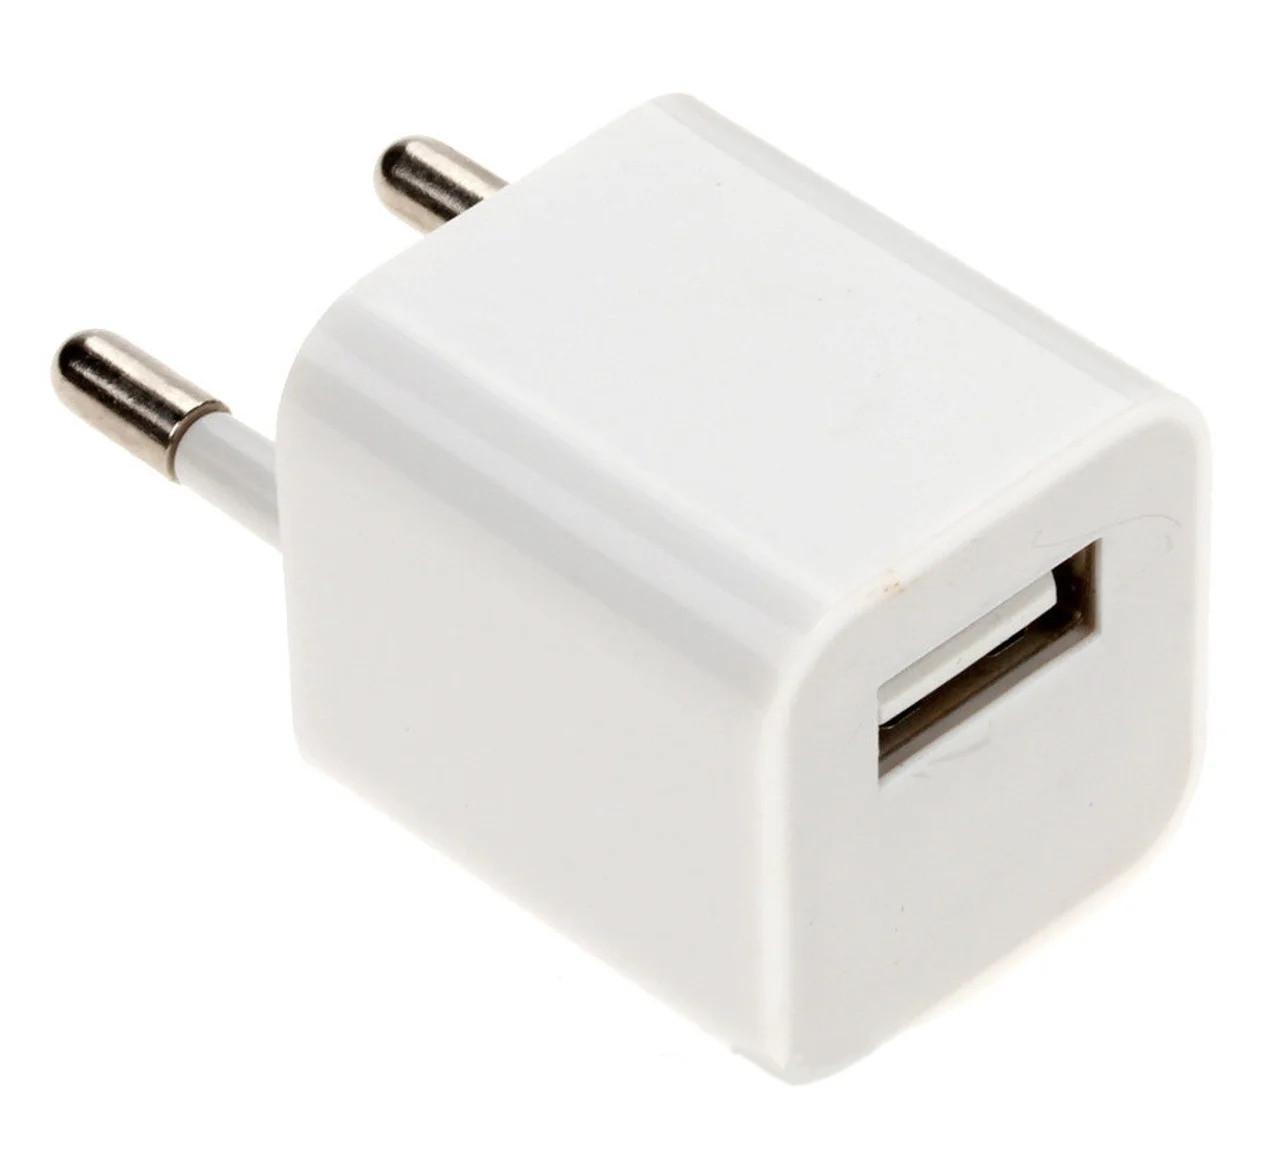 Адаптер блок питания Apple в стиле кубик USB 1000мА 5V